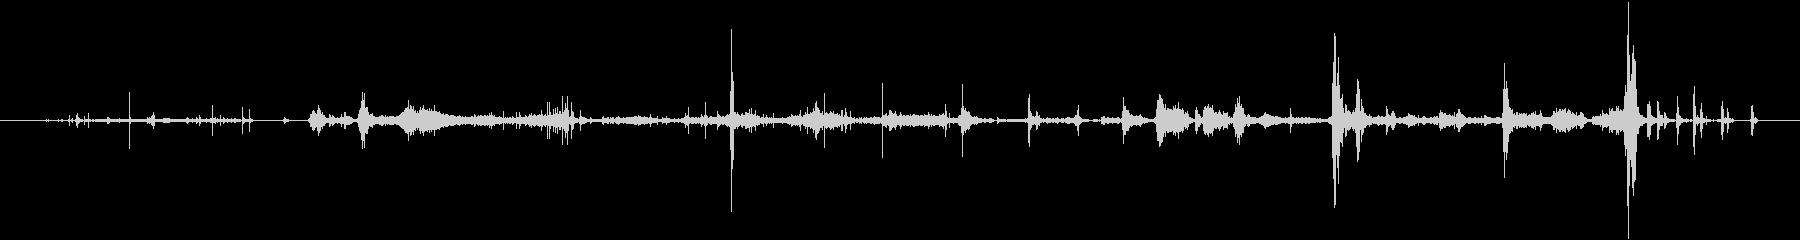 ダンボールバンカーボックス:返品フ...の未再生の波形